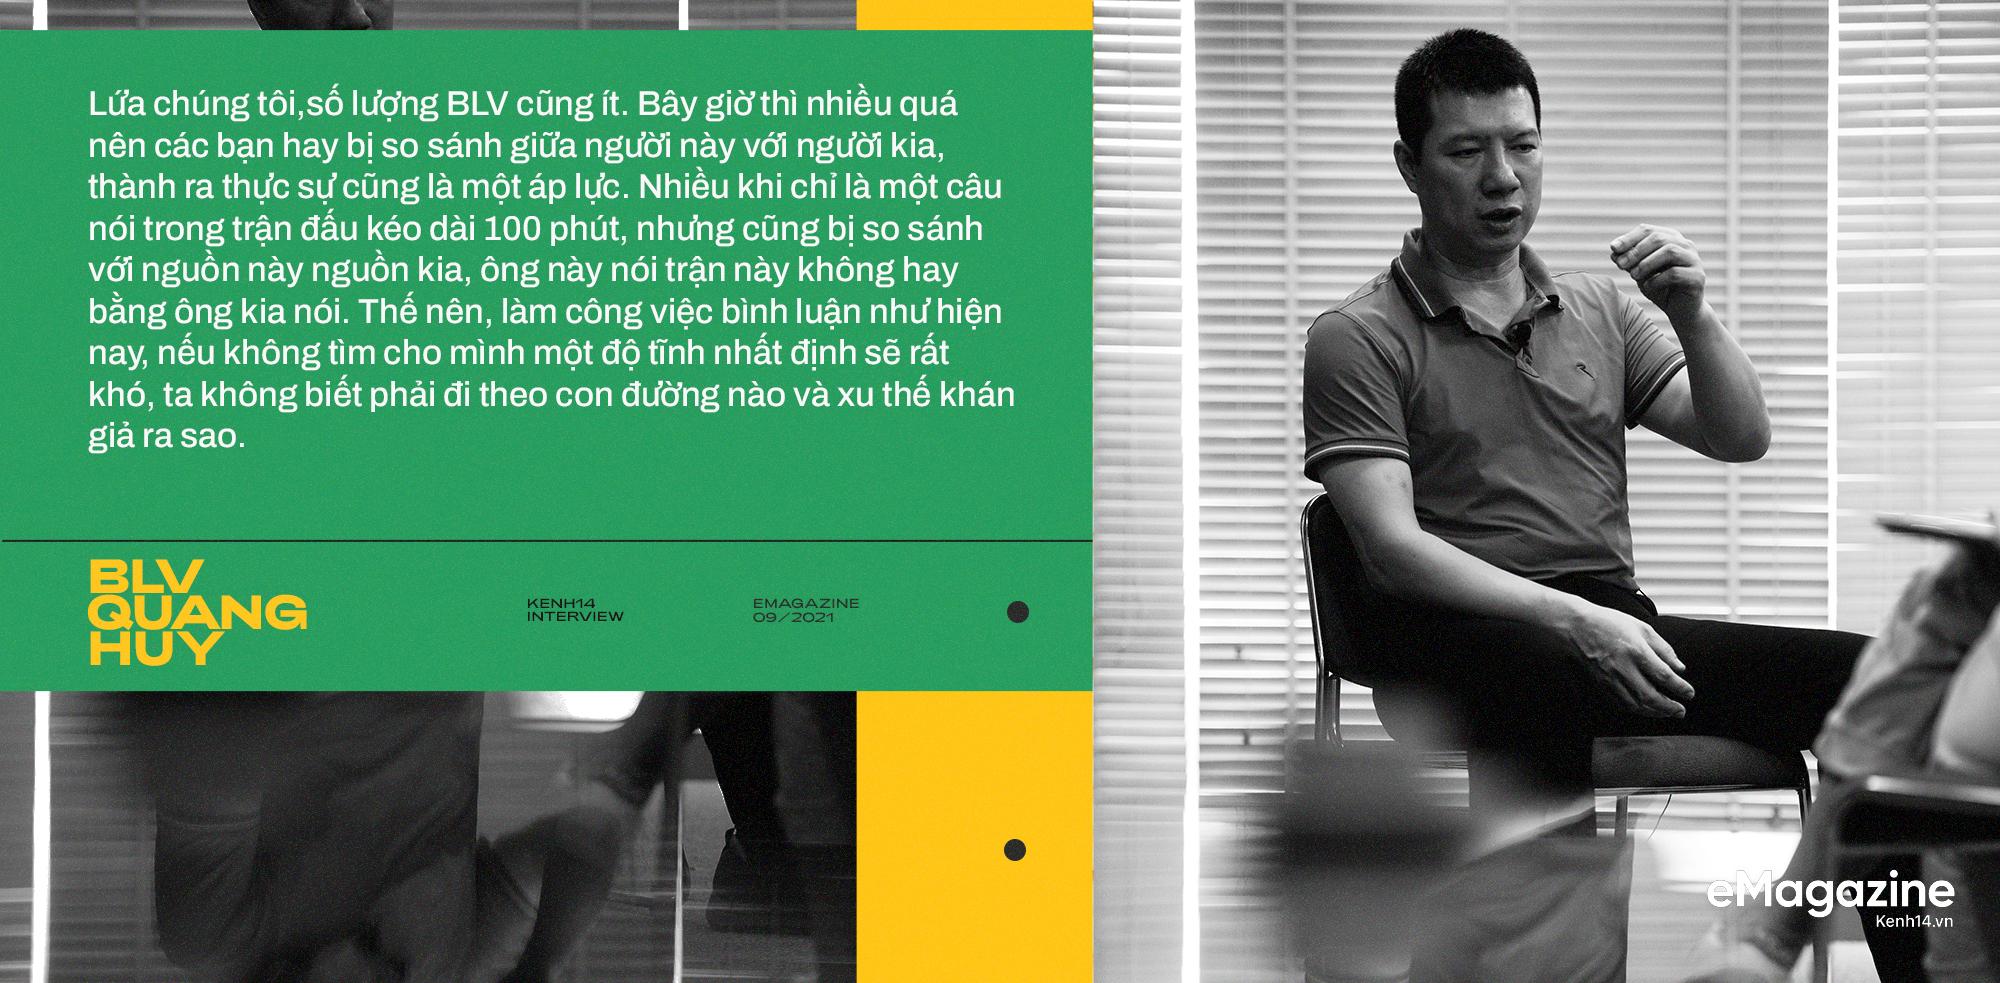 BLV Quang Huy: Tôi không thể nhớ đường nhưng sẽ nhớ tên cầu thủ mới, trận đấu nào quá nhiều cảm xúc tôi sẽ ngủ lại cơ quan - Ảnh 21.